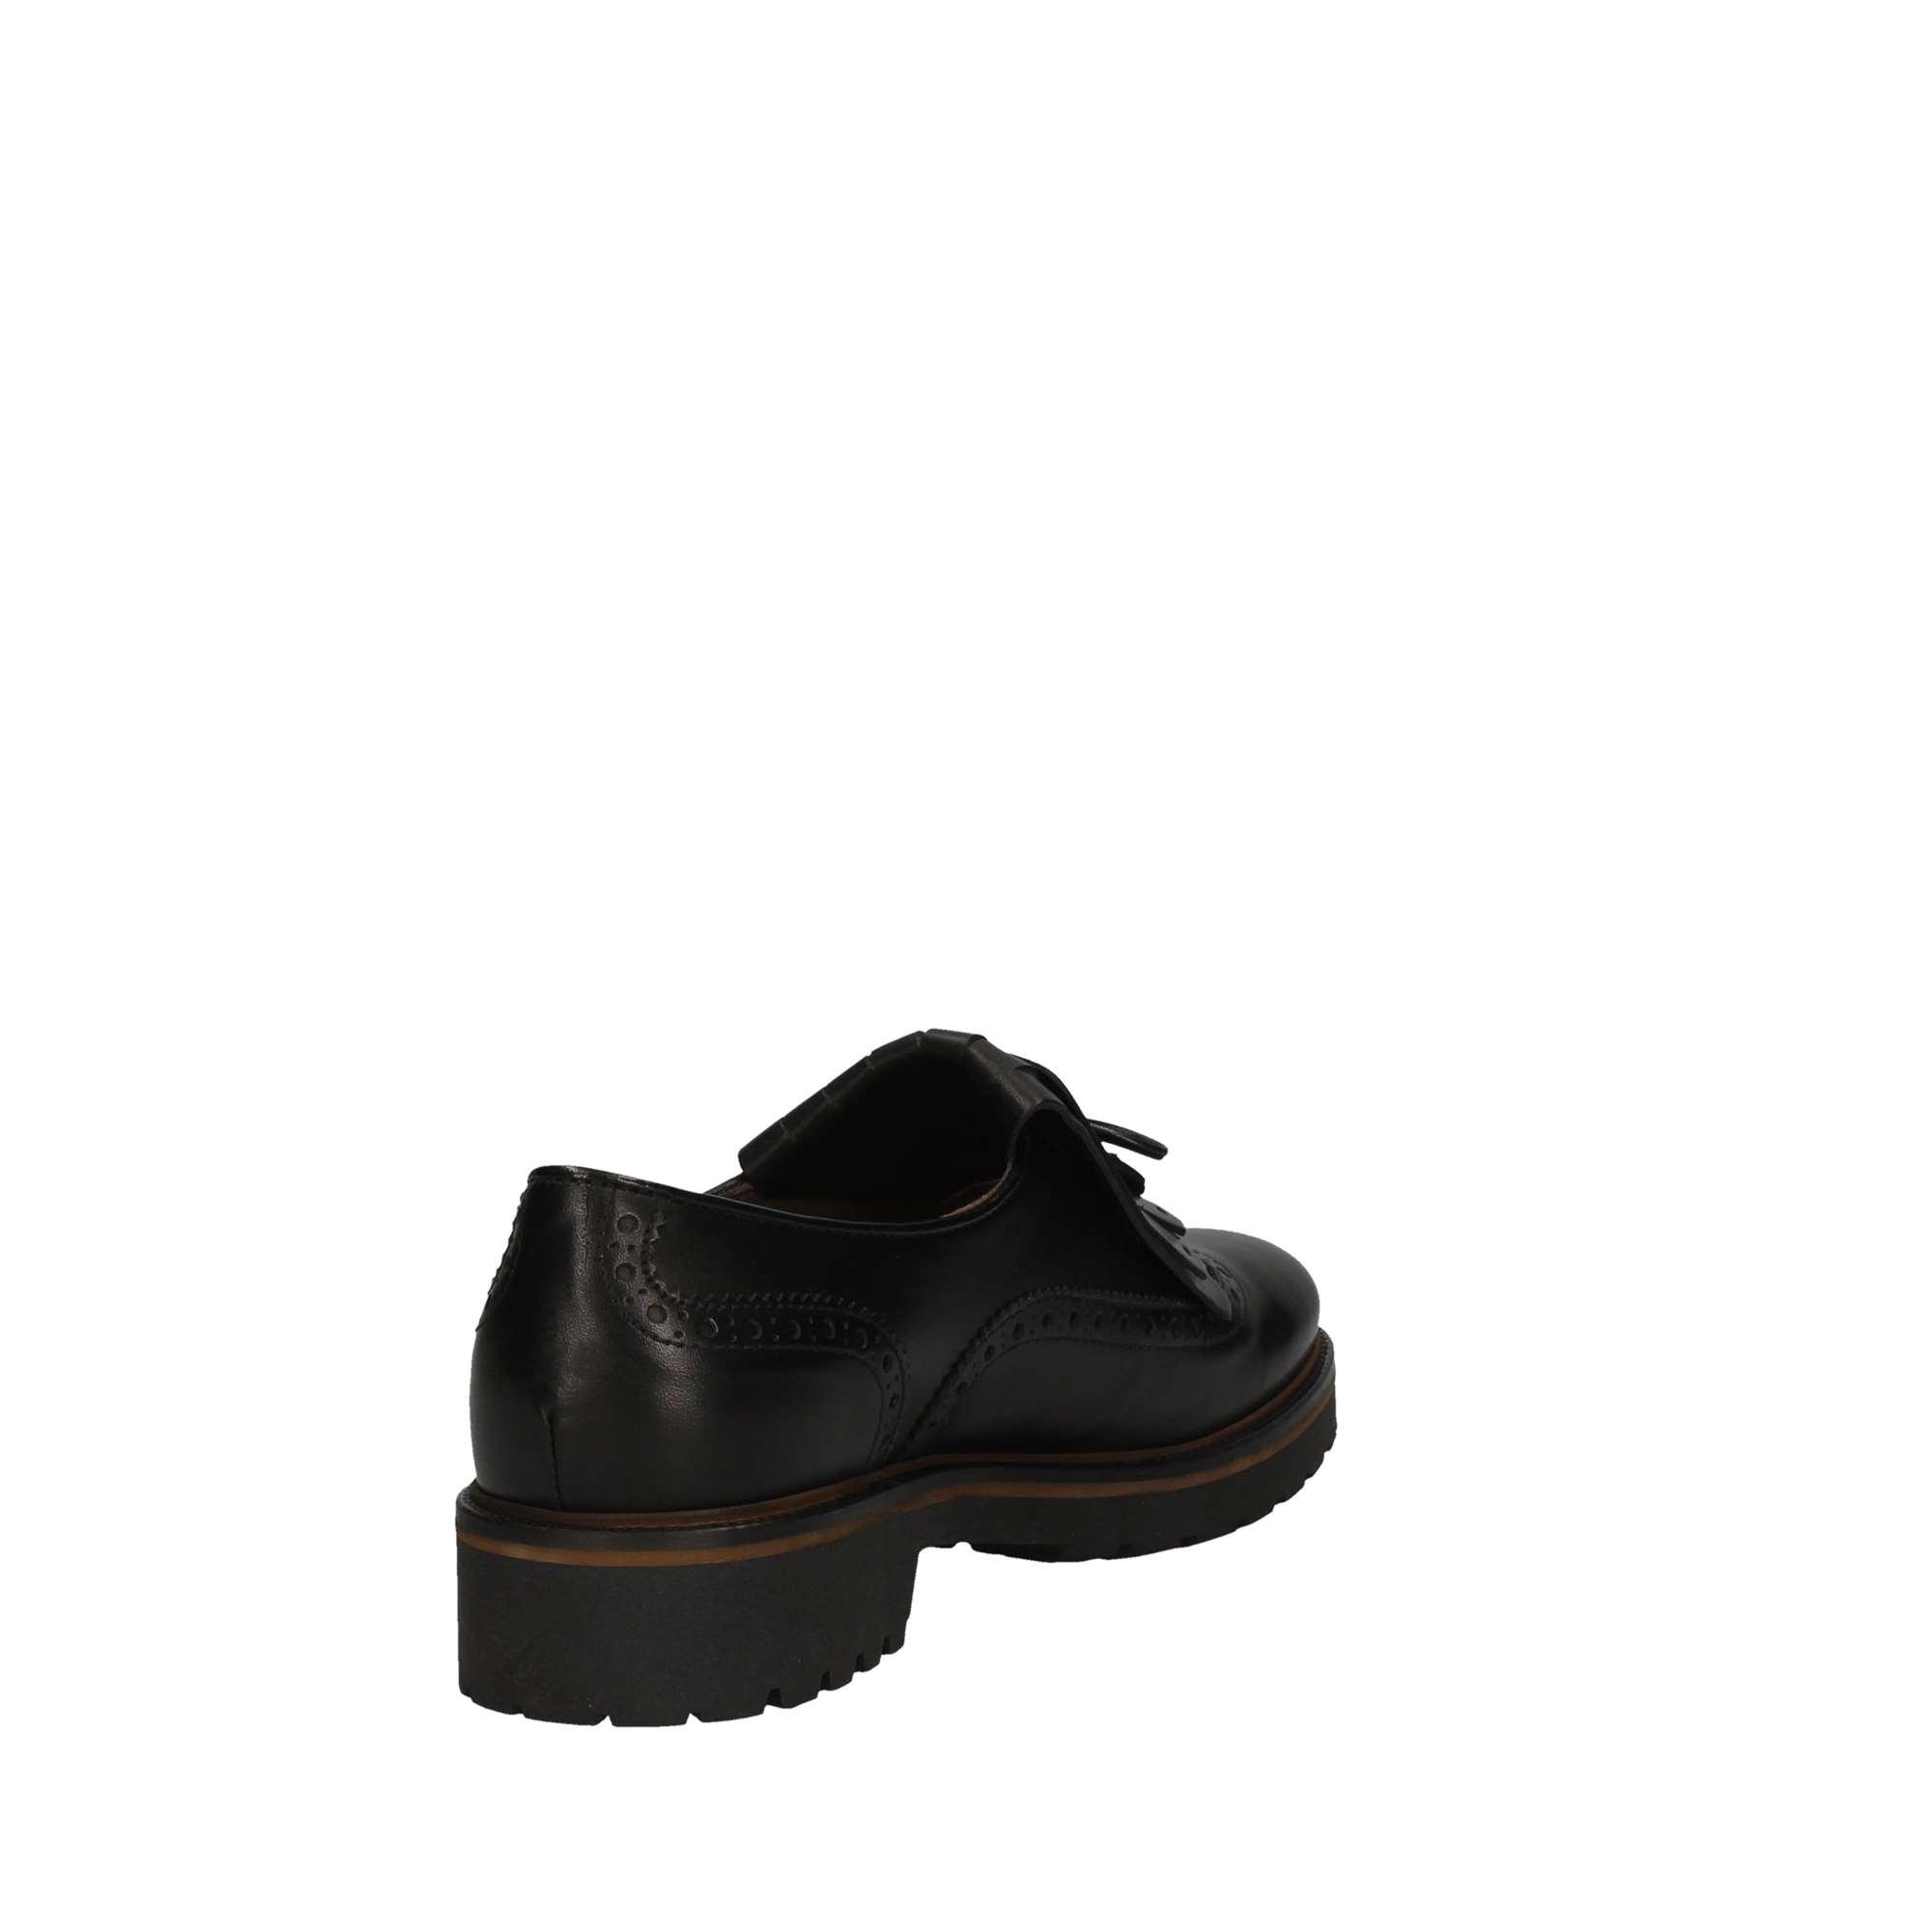 zapatos negro GIARDINI A806360D negro MOCASSINO mujer Autunno Autunno mujer Inverno 5a8536